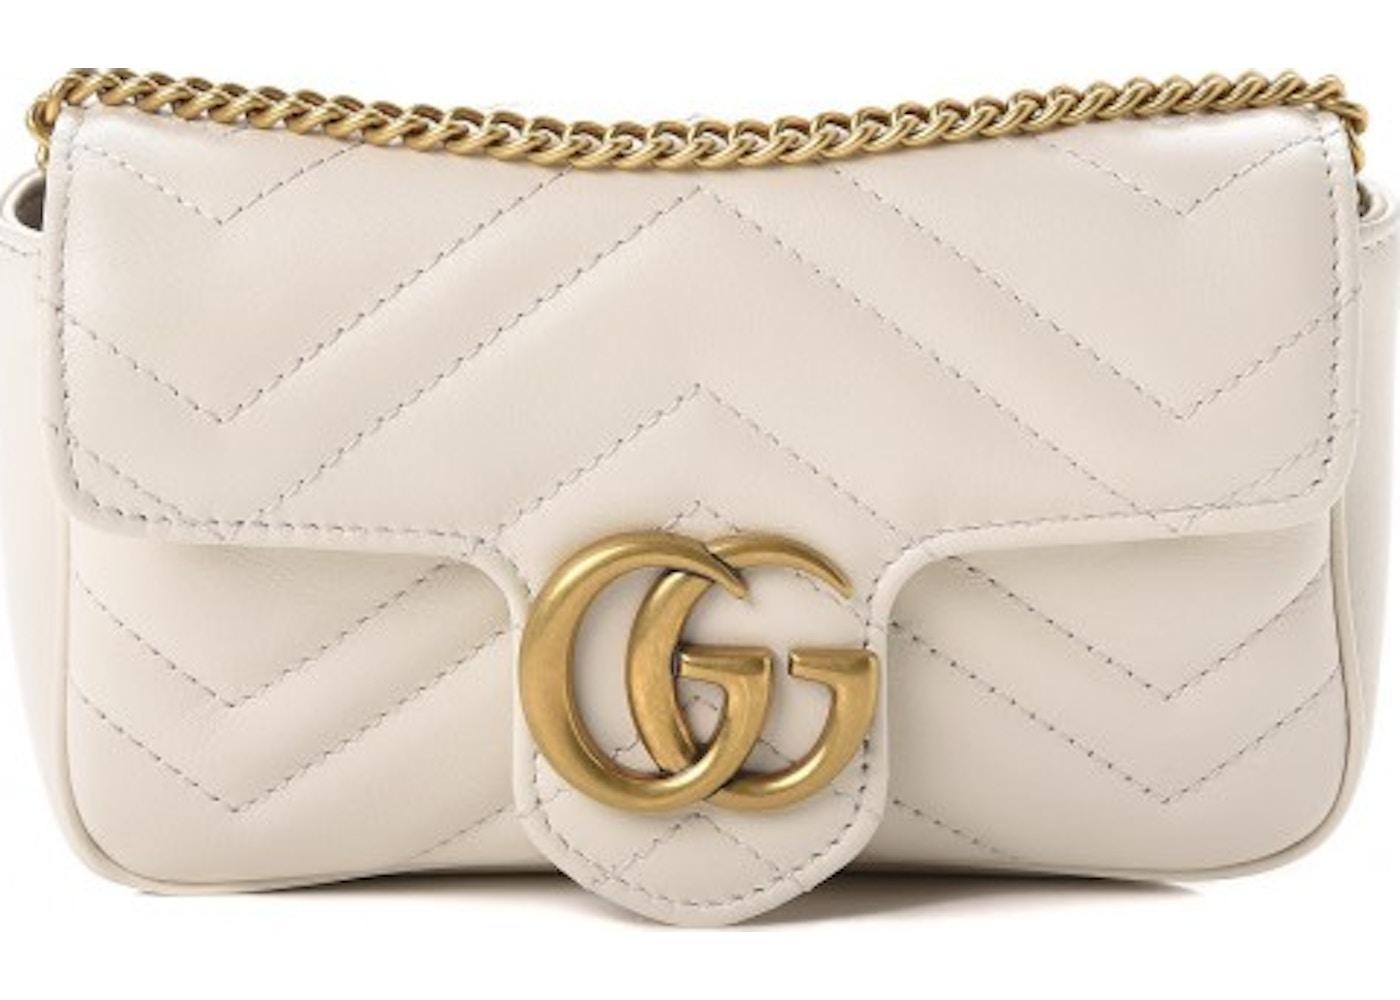 19ce5c79c50d Gucci Marmont Matelasse GG Super Mini White